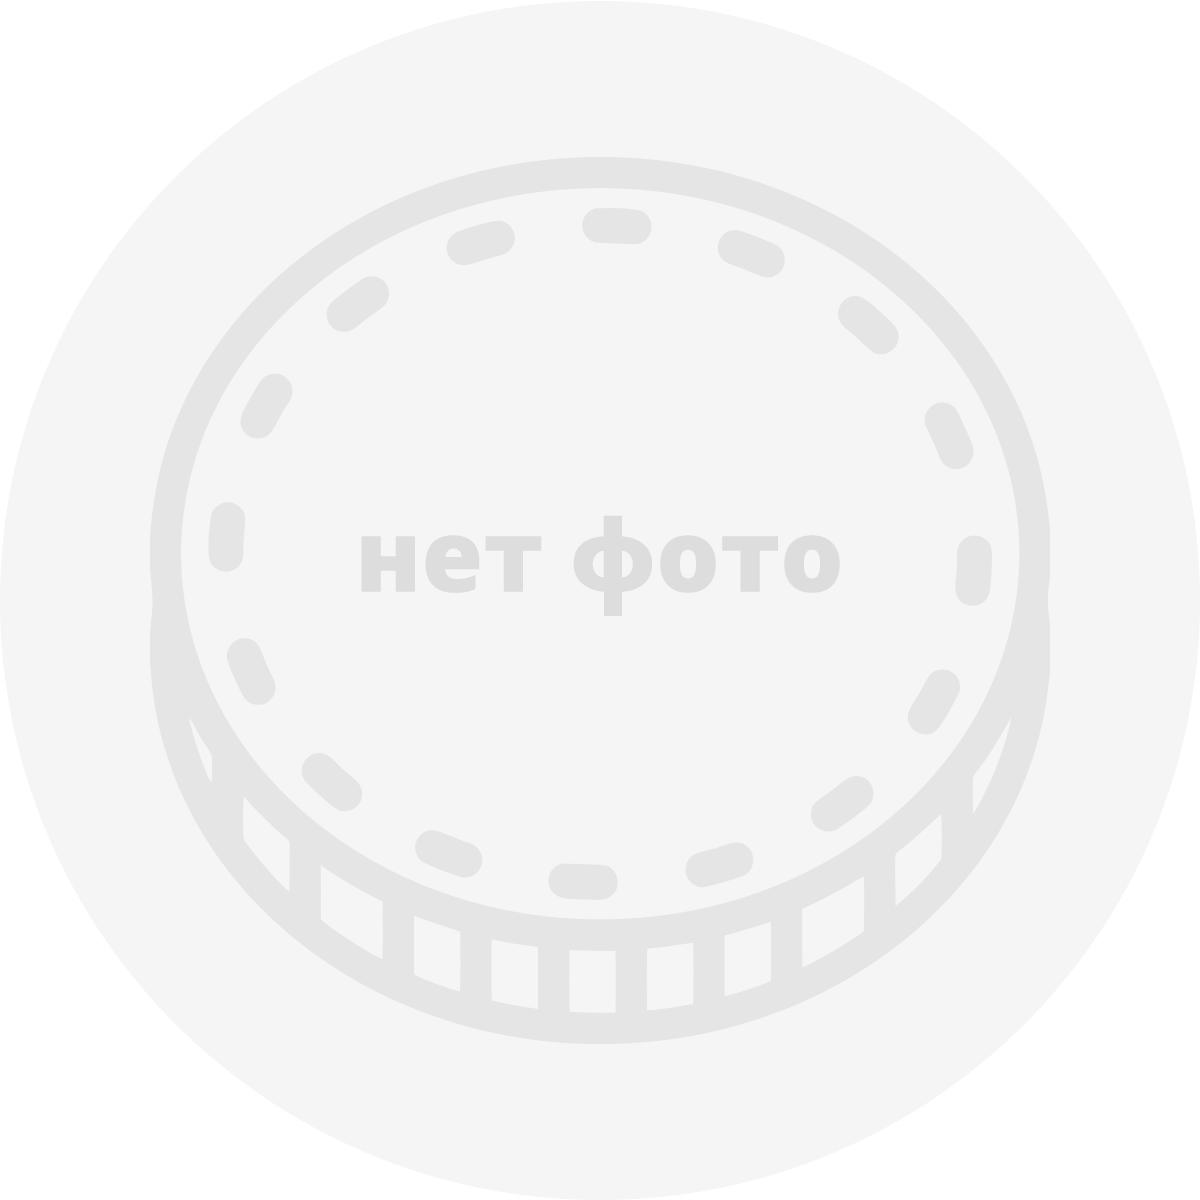 Остров Саба, Набор монет (2013 г.)